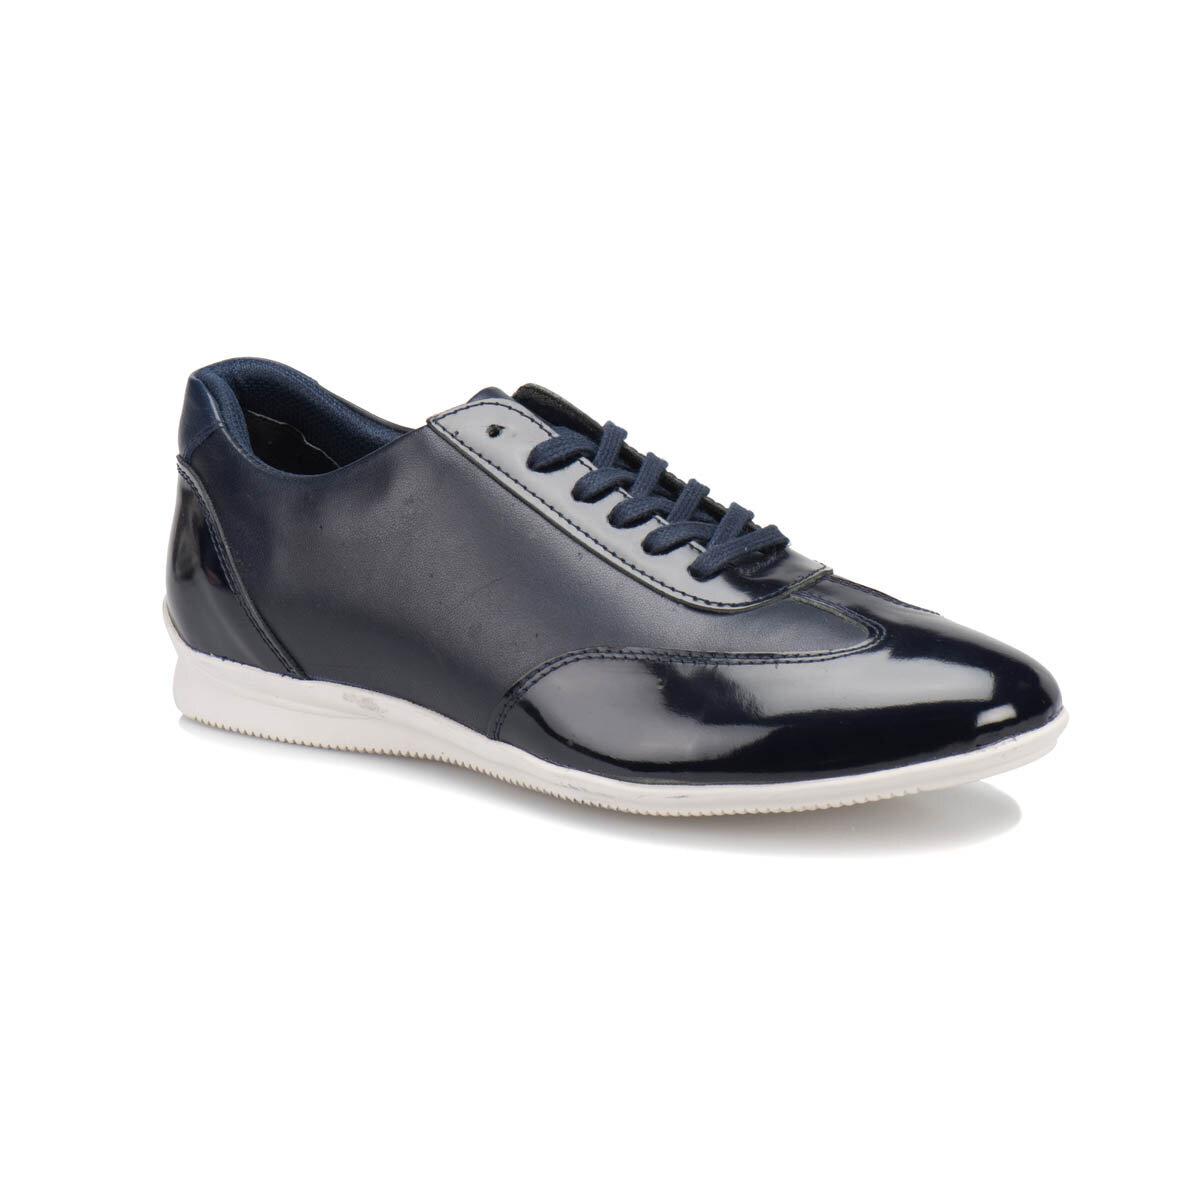 Lacivert Erkek Klasik Ayakkabı M-96 M 1910